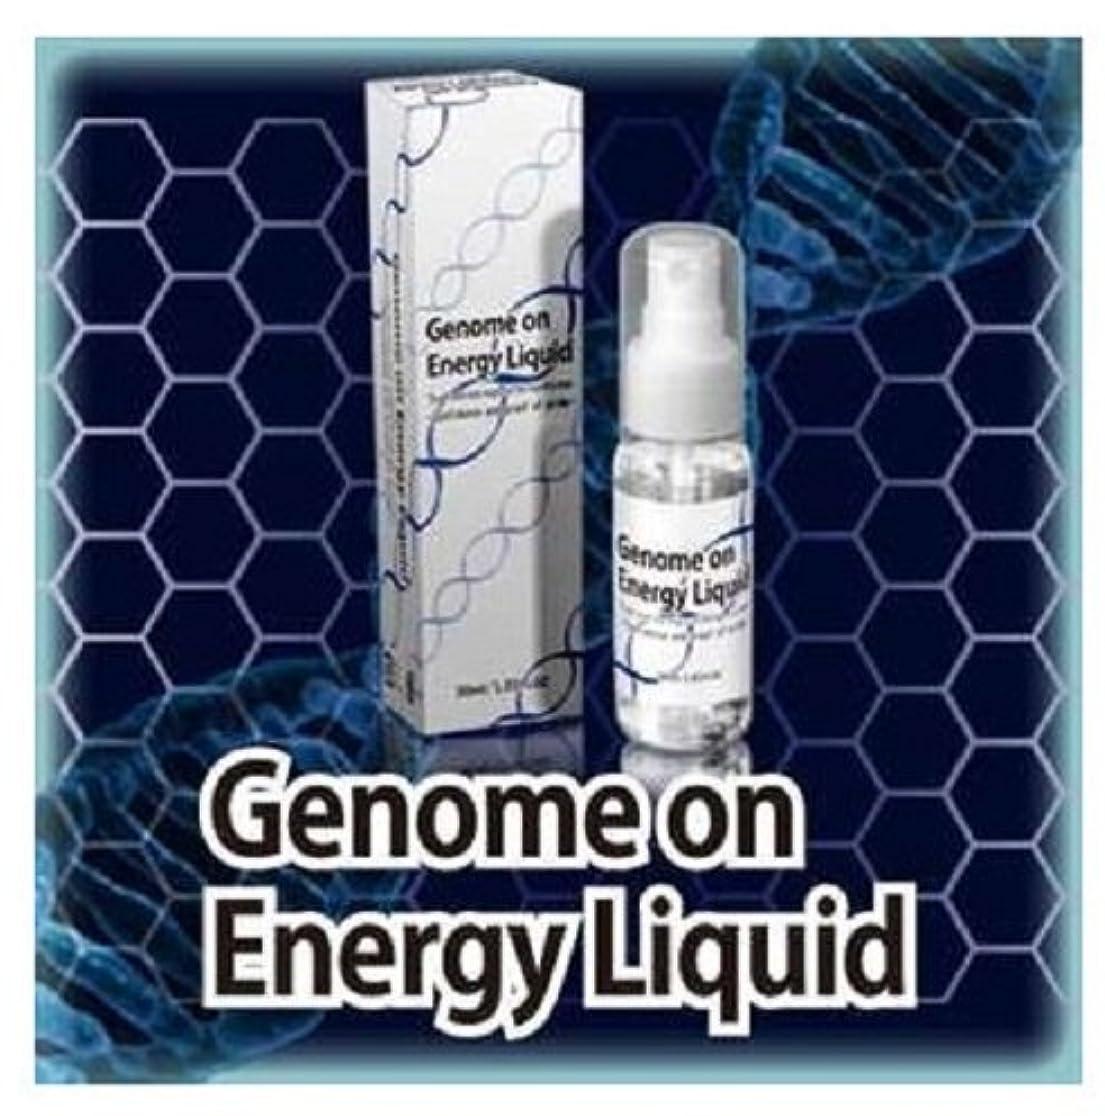 提供直面する不調和ゲノムオンエナジーリキッド Genome on Energy Liquid